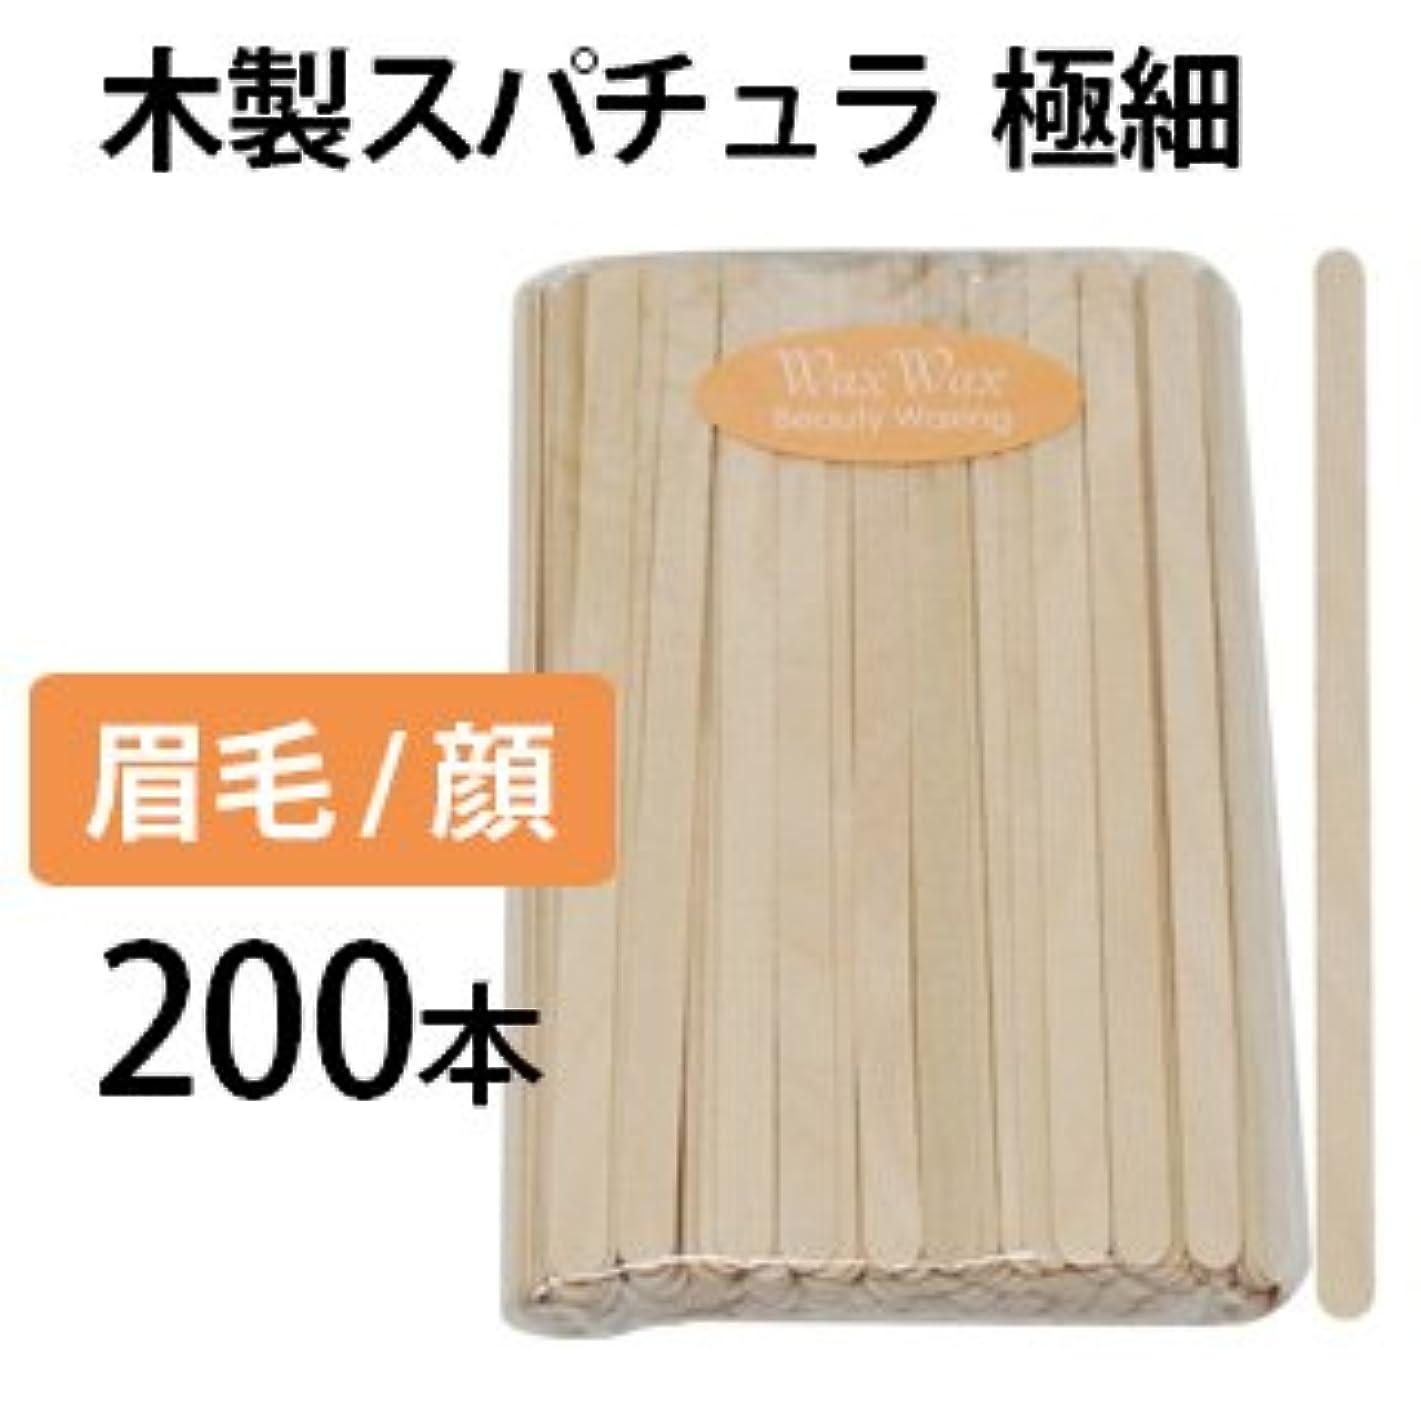 おばあさん予想するフロンティア眉毛 アイブロウ用スパチュラ 200本セット 極細 木製スパチュラ 使い捨て